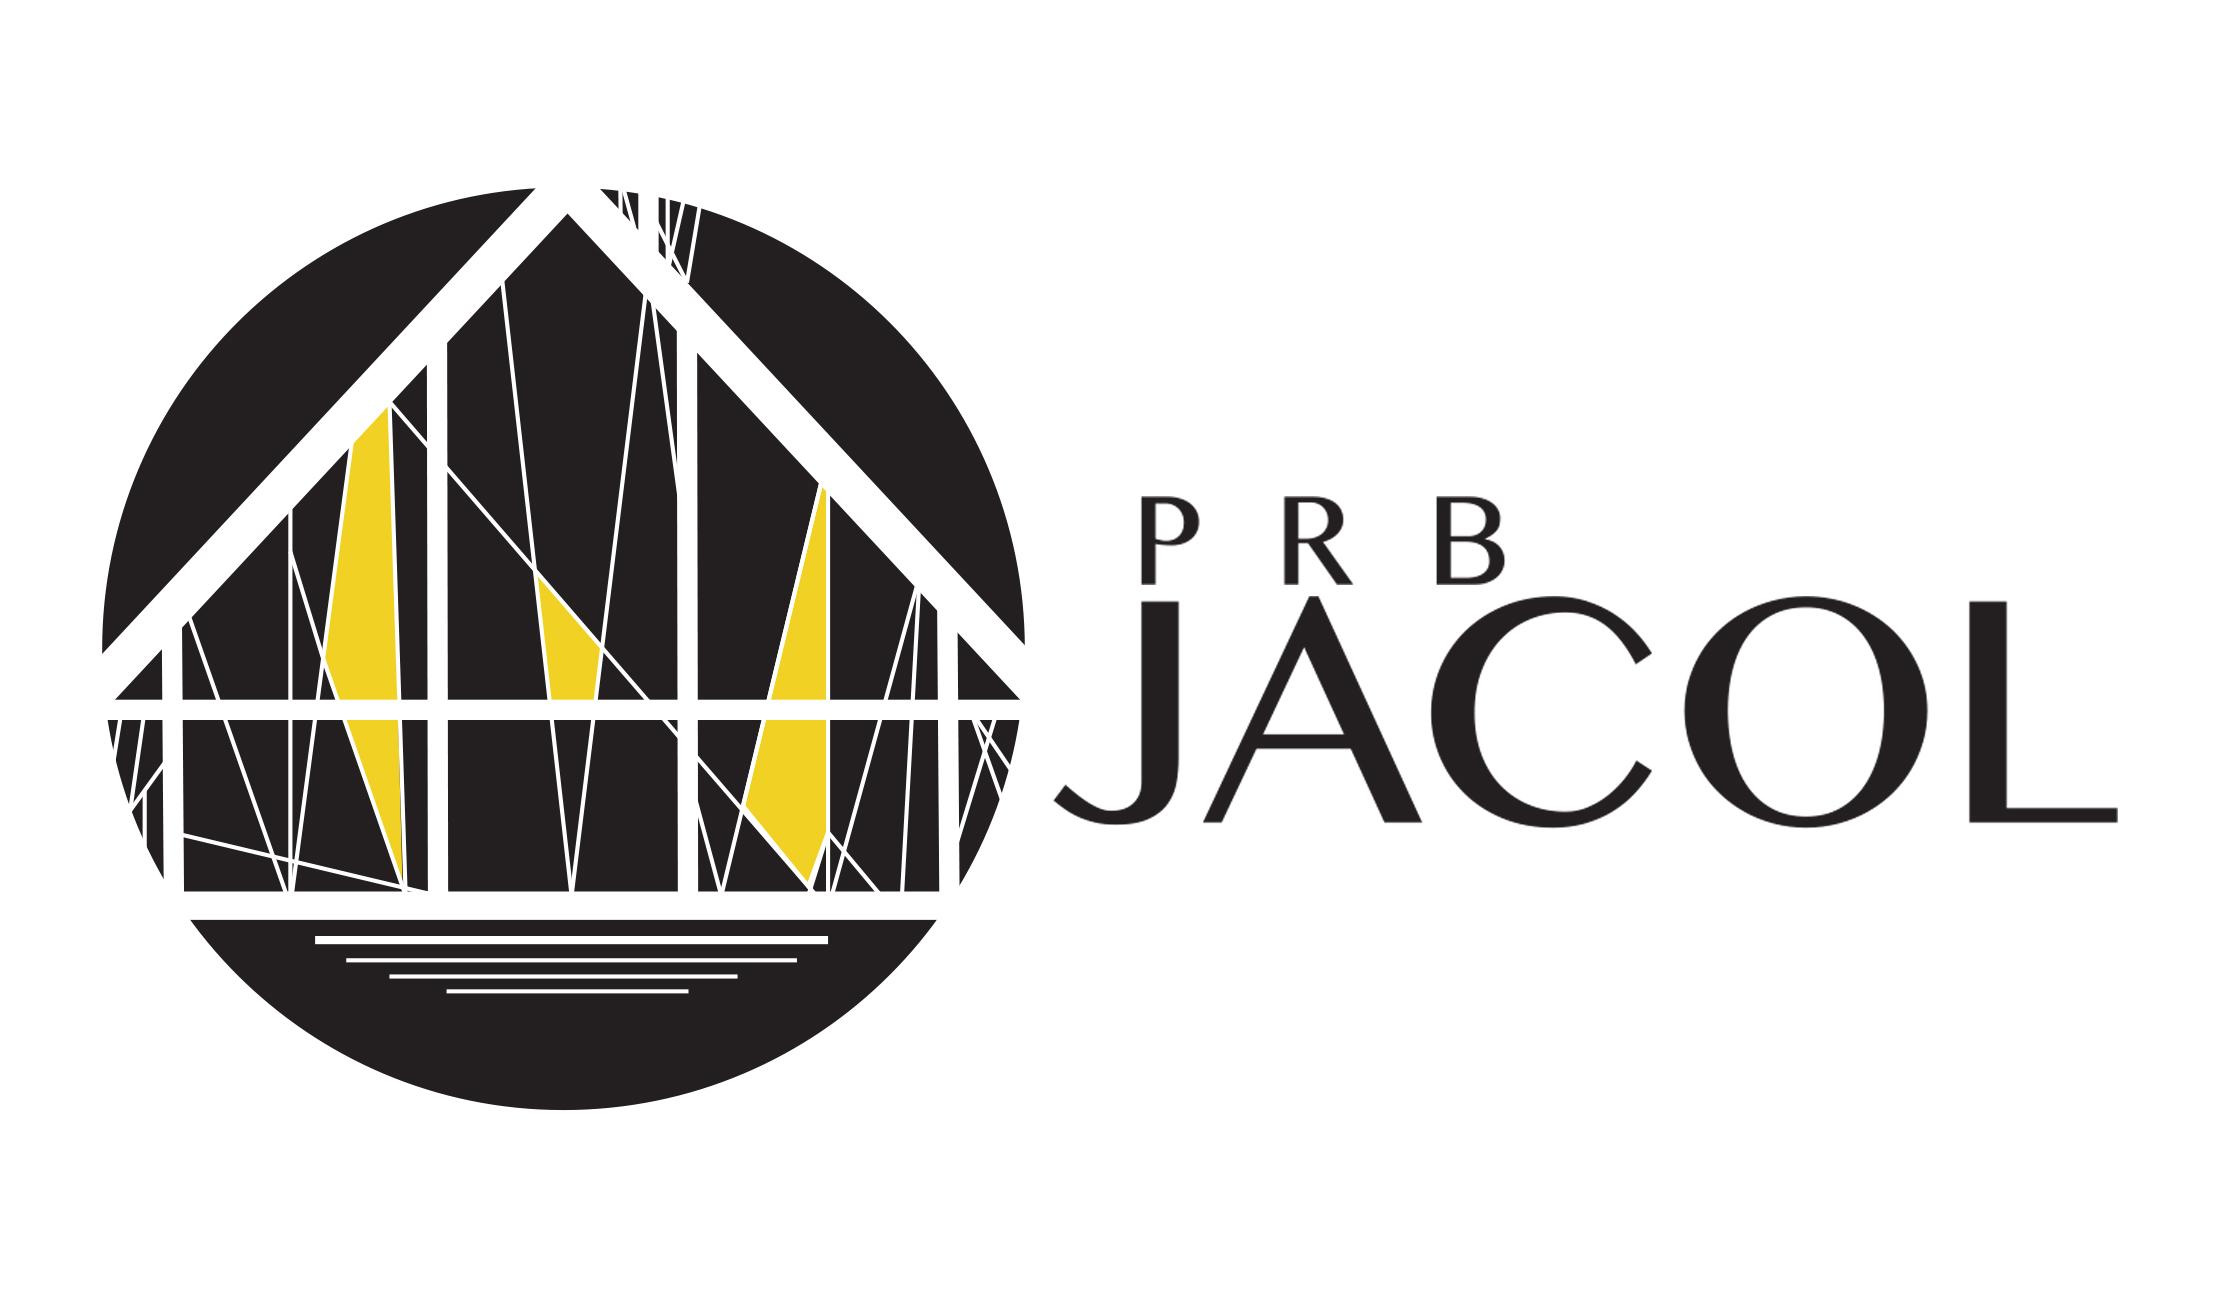 PRB Jacol